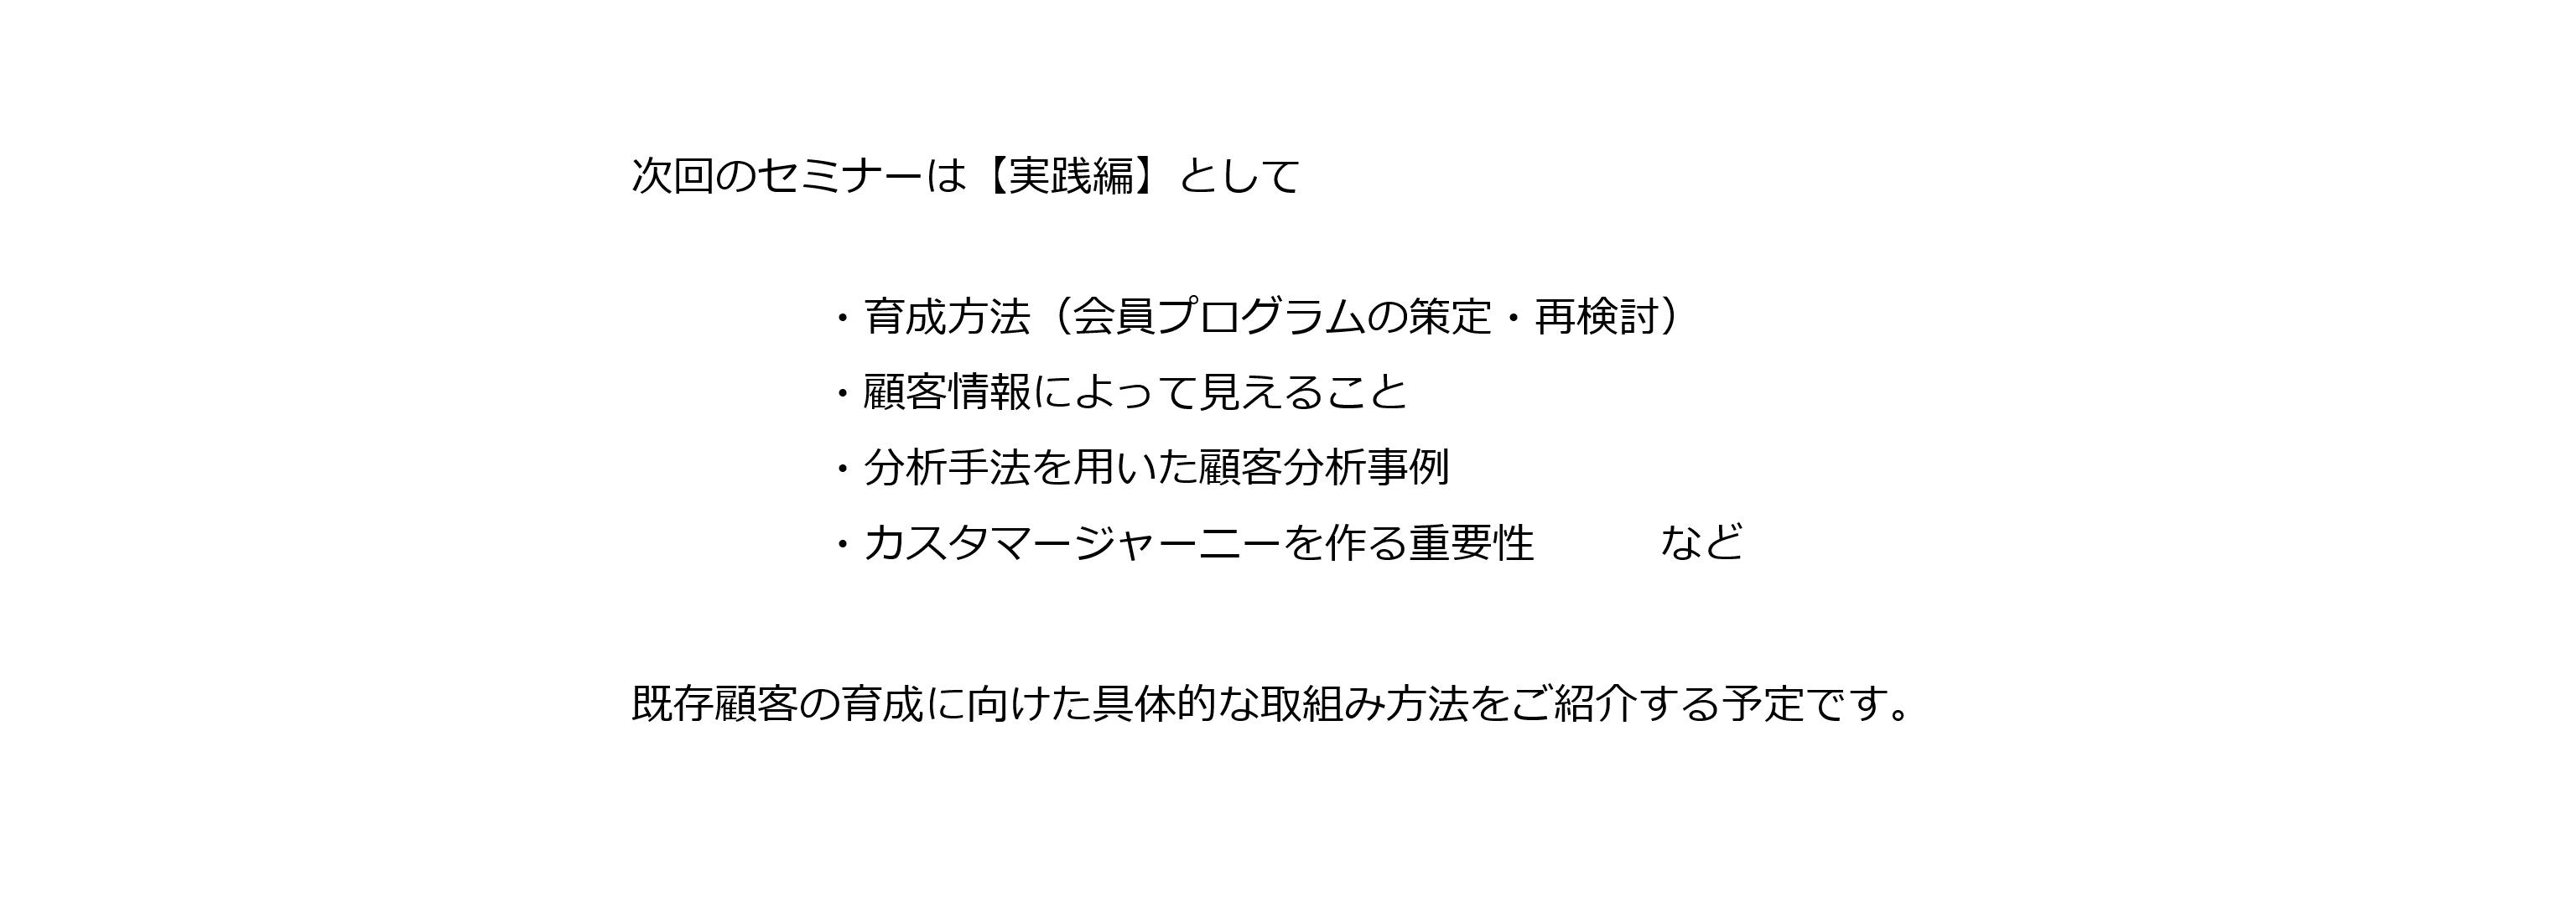 2019年4月23日セミナー